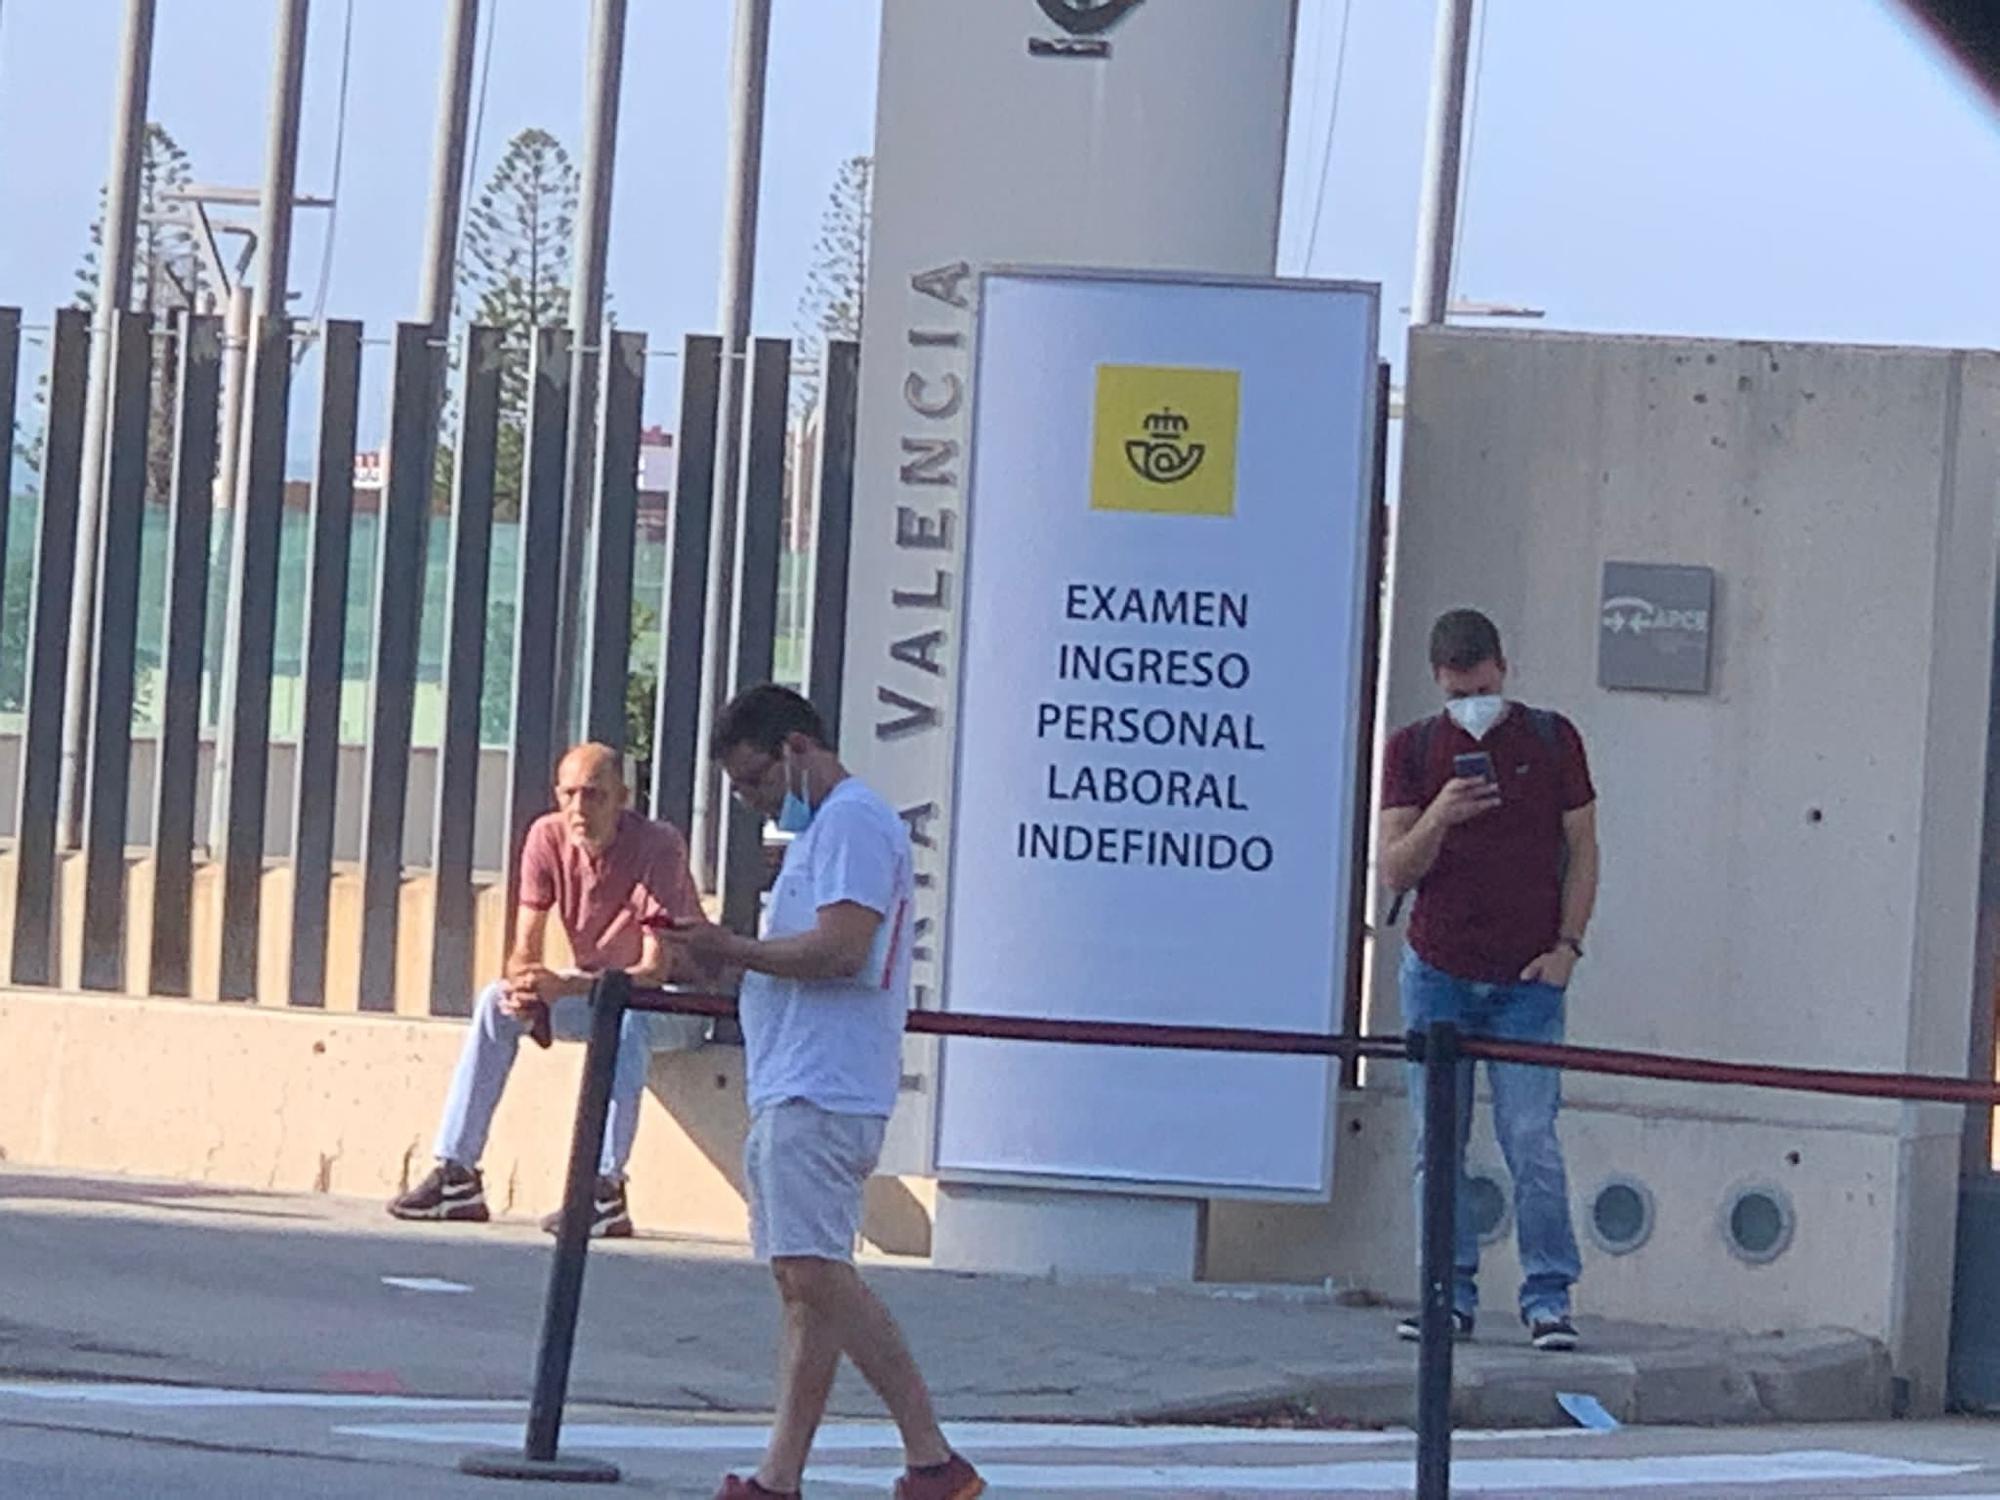 El entorno de Feria València, abarrotado por la oposición de Correos